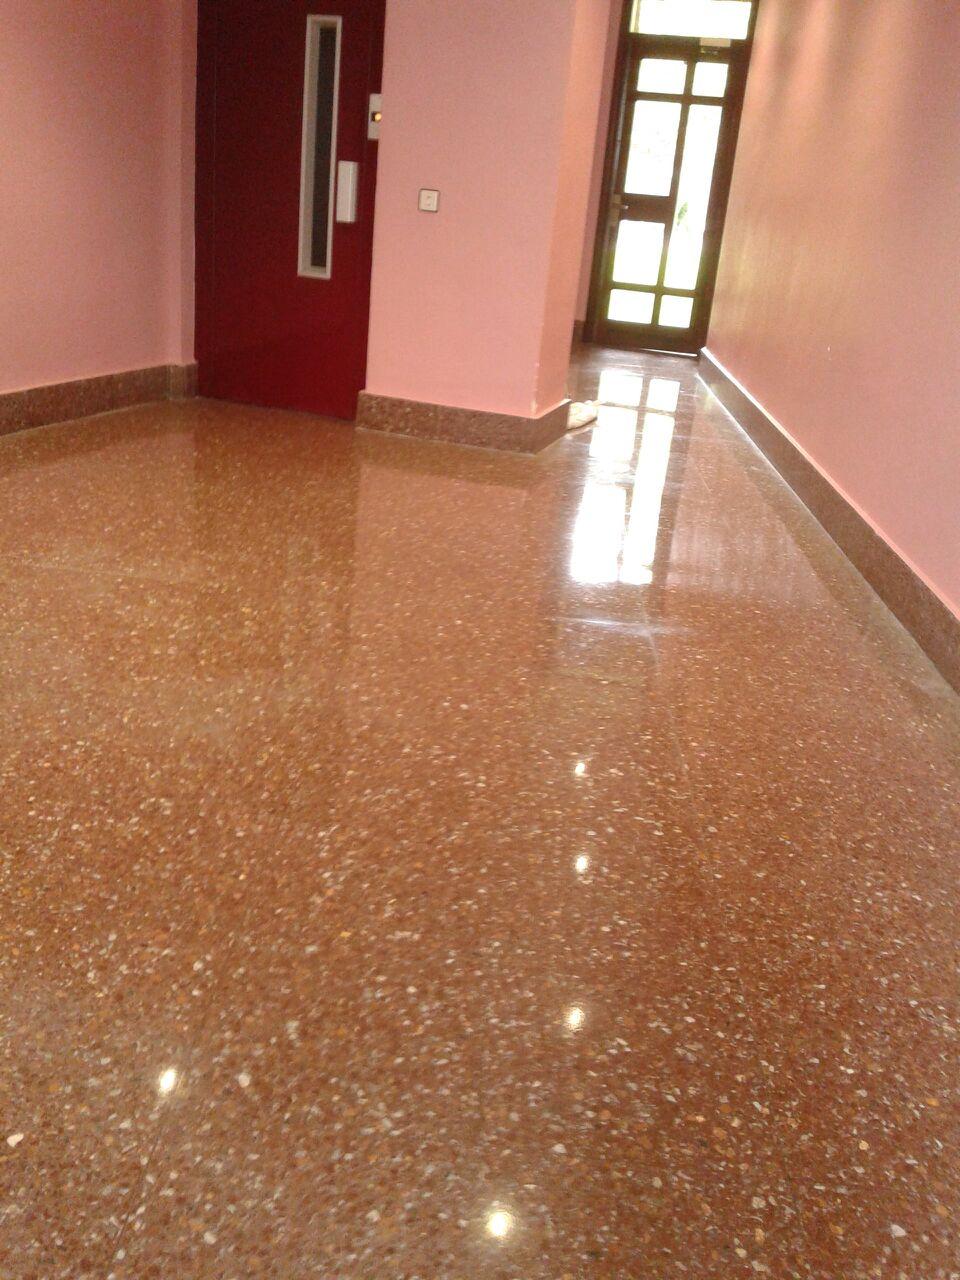 limpieza-de-oficinas-y-garajes-fin-de-obra-y-servicio-de-limpieza-en-vitoria-gasteiz-de-oficinas-suelos-mantenimiento-de-portales-con-precios-baratos-para-empresas